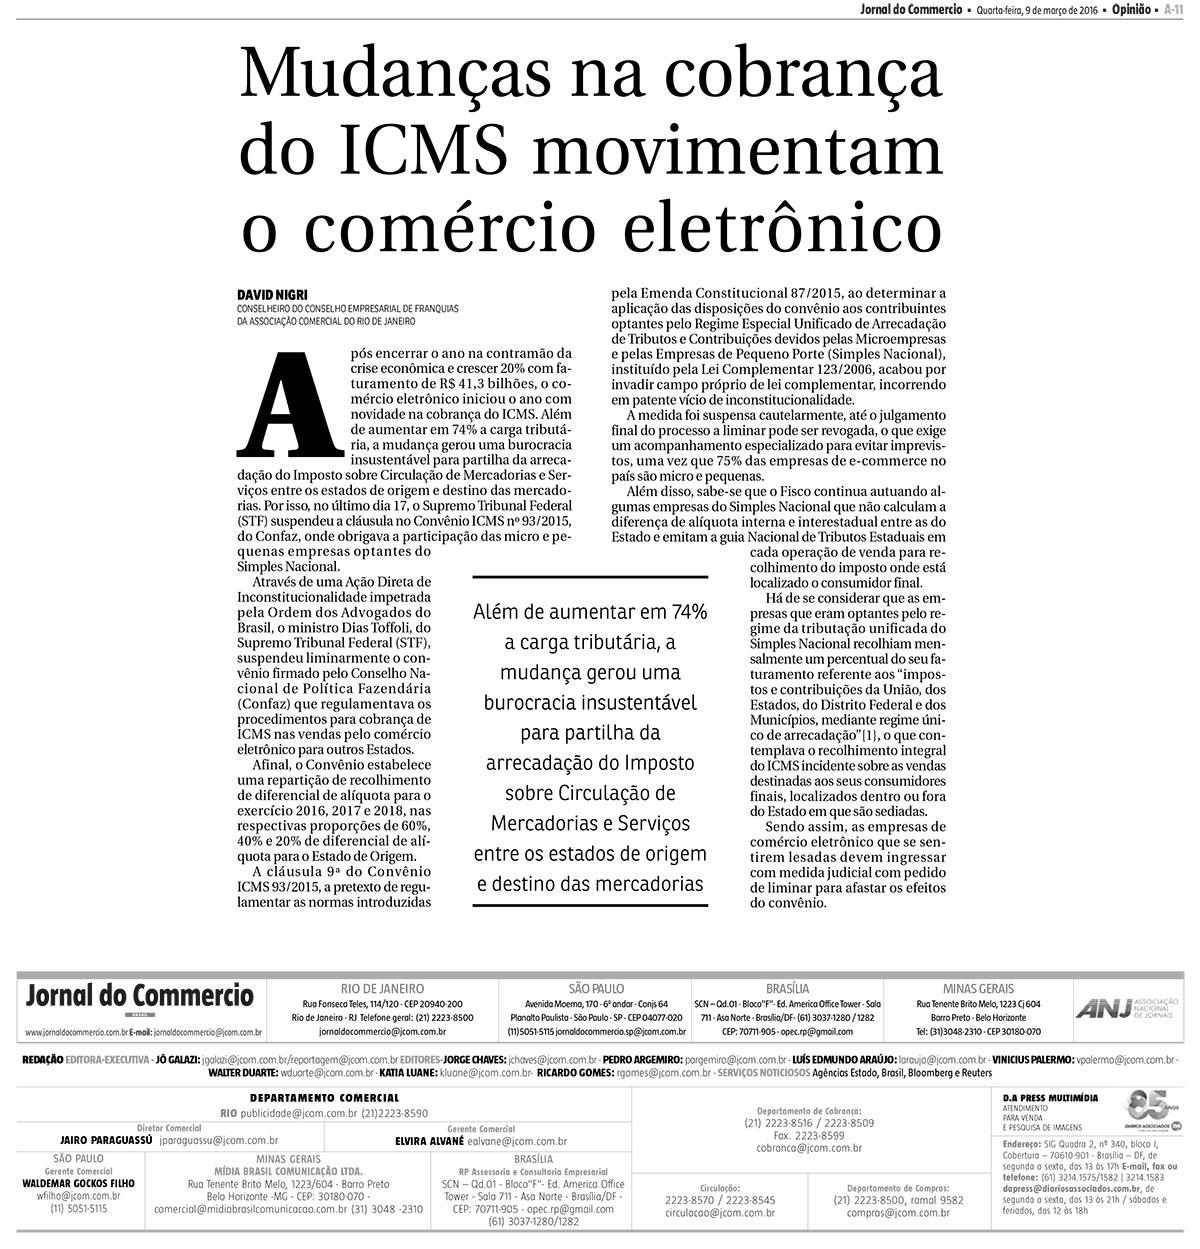 Jornal_Commercio_ICMS_ecommerce